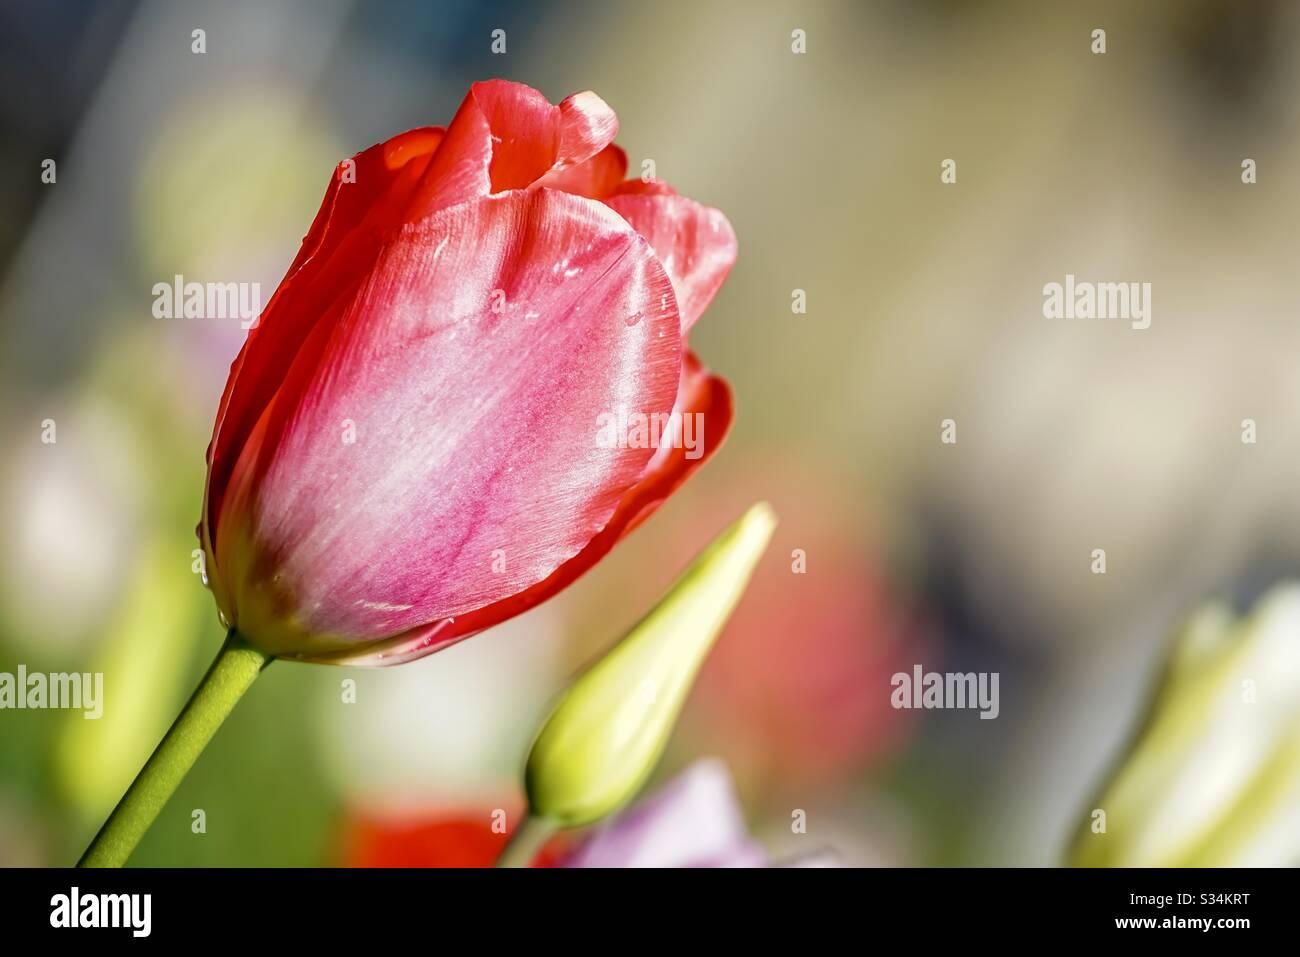 Tulipano rosso con gocce d'acqua Foto Stock